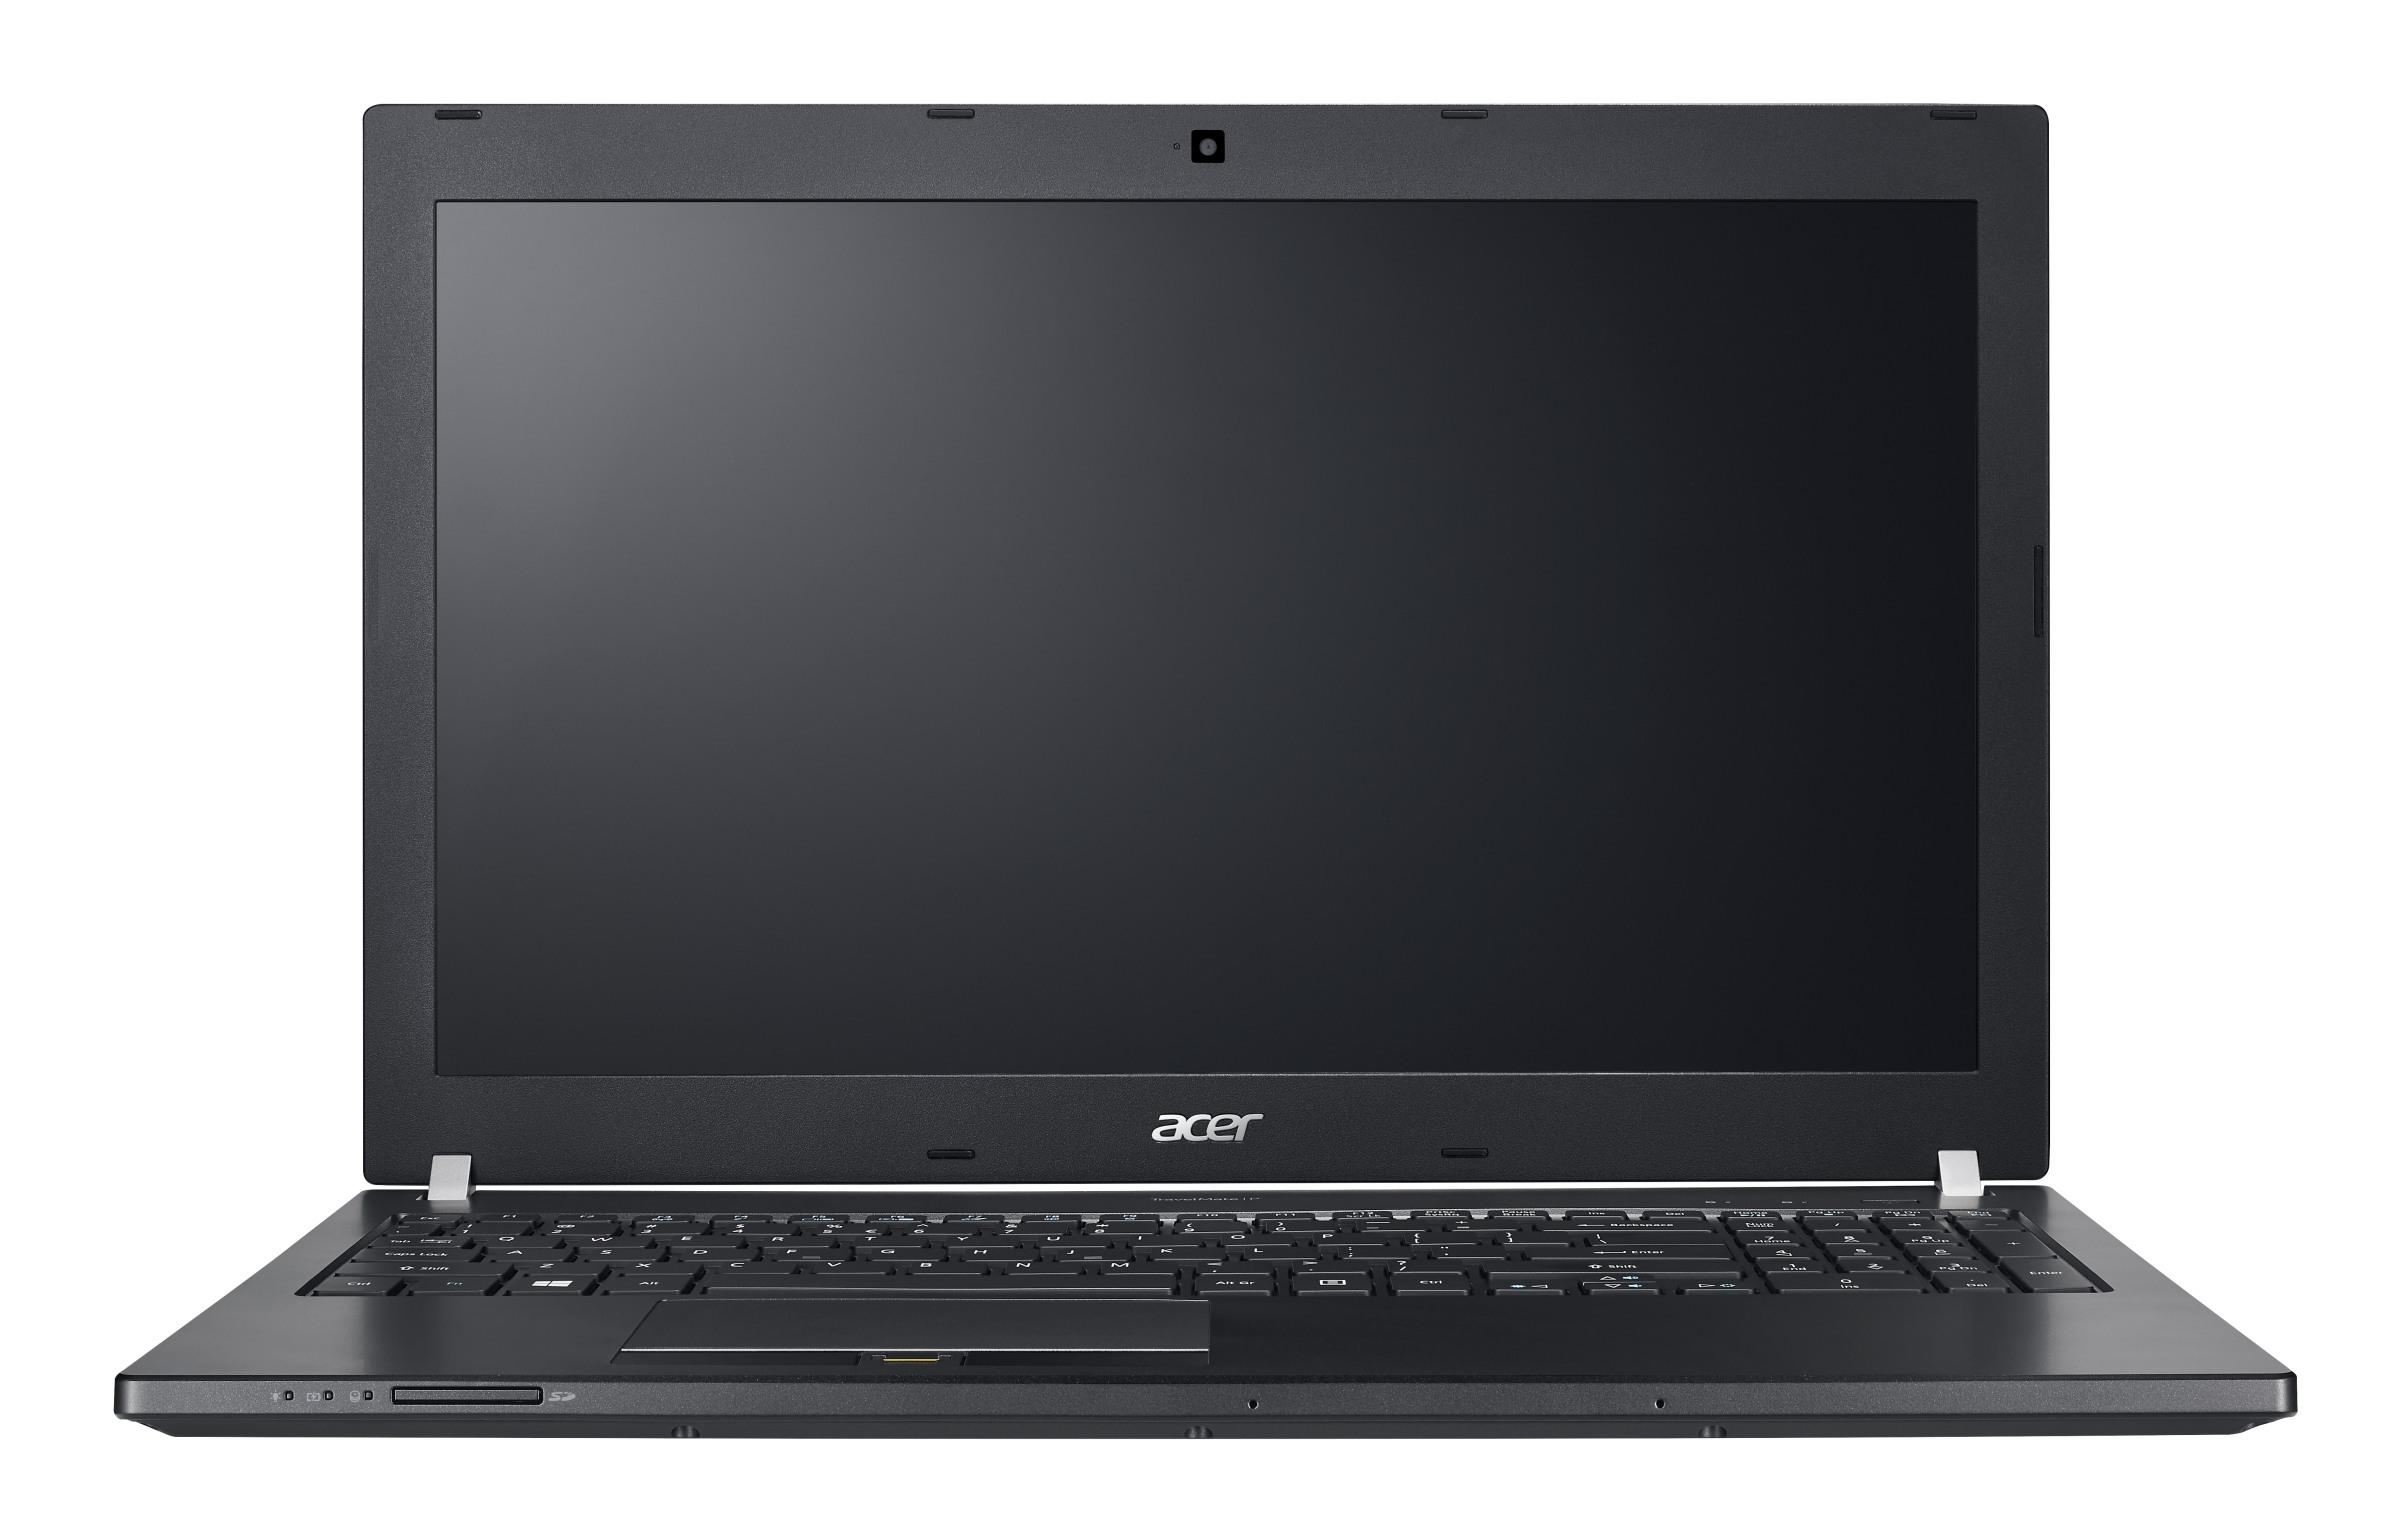 Acer TMP658-MG 15,6/i5-6200U/256SSD/4G/W7P+W10P